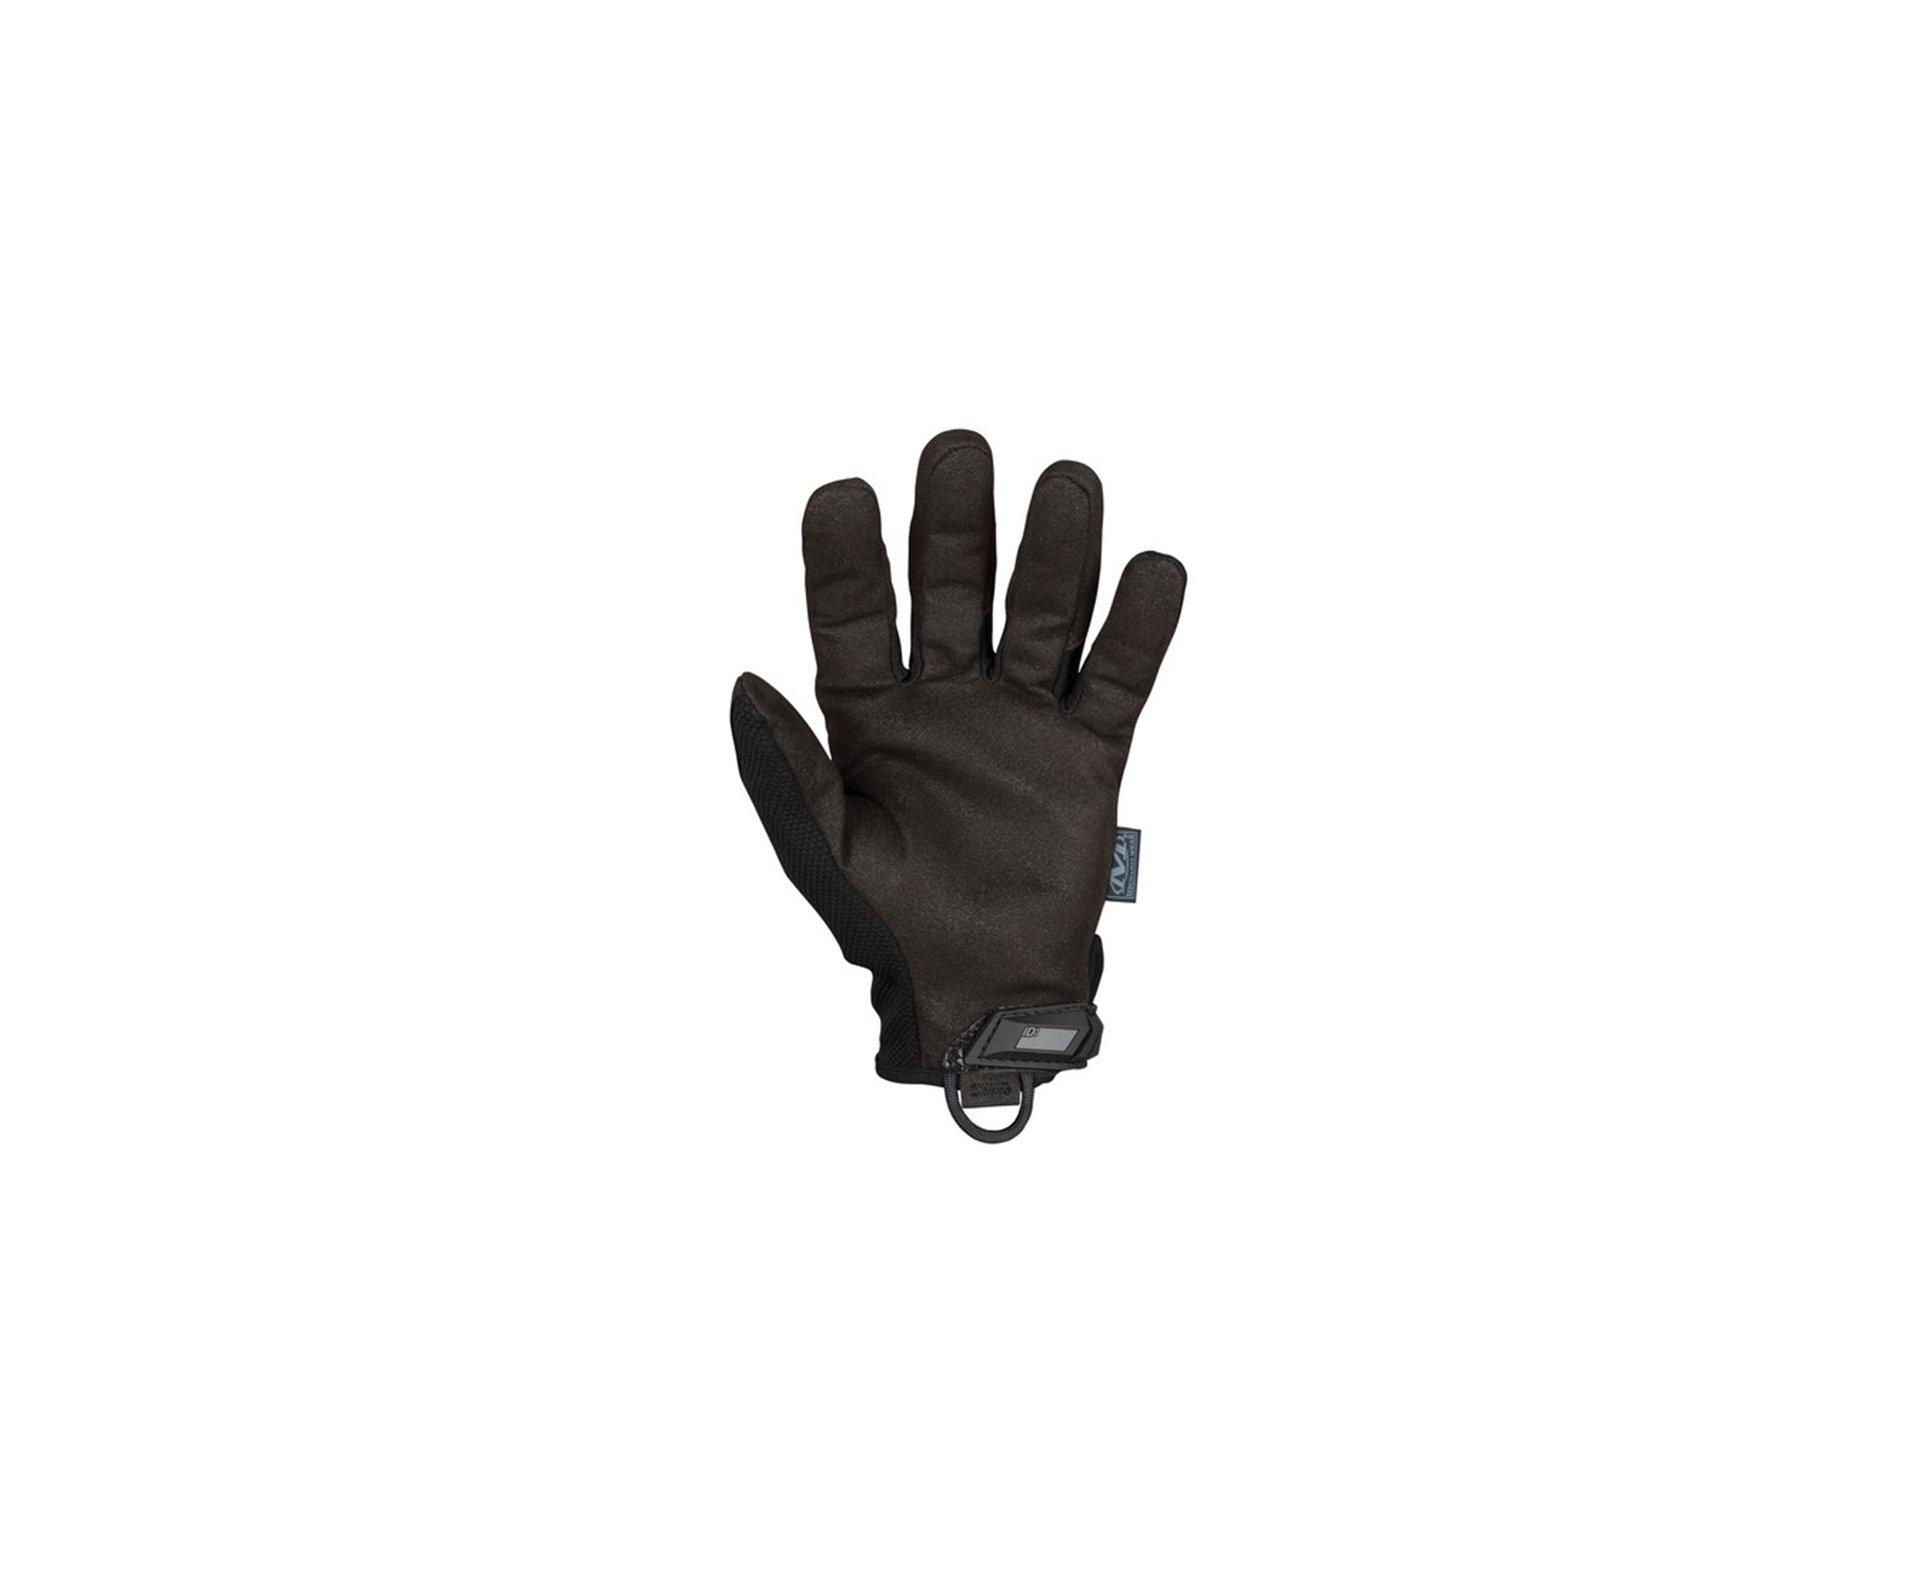 Luva Mechanicx Glove - Gg